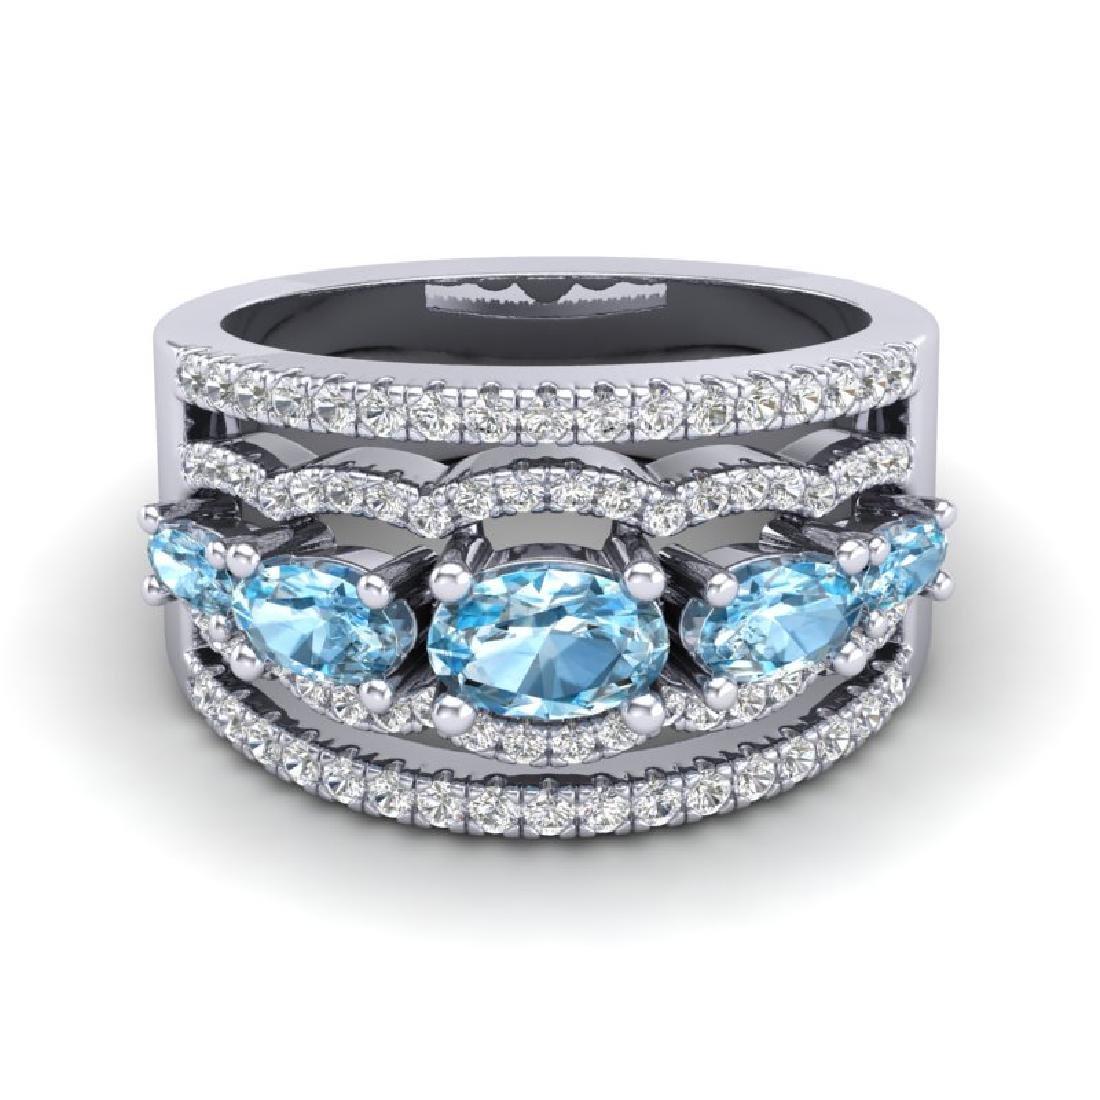 2.25 CTW Sky Blue Topaz & Micro Pave VS/SI Diamond